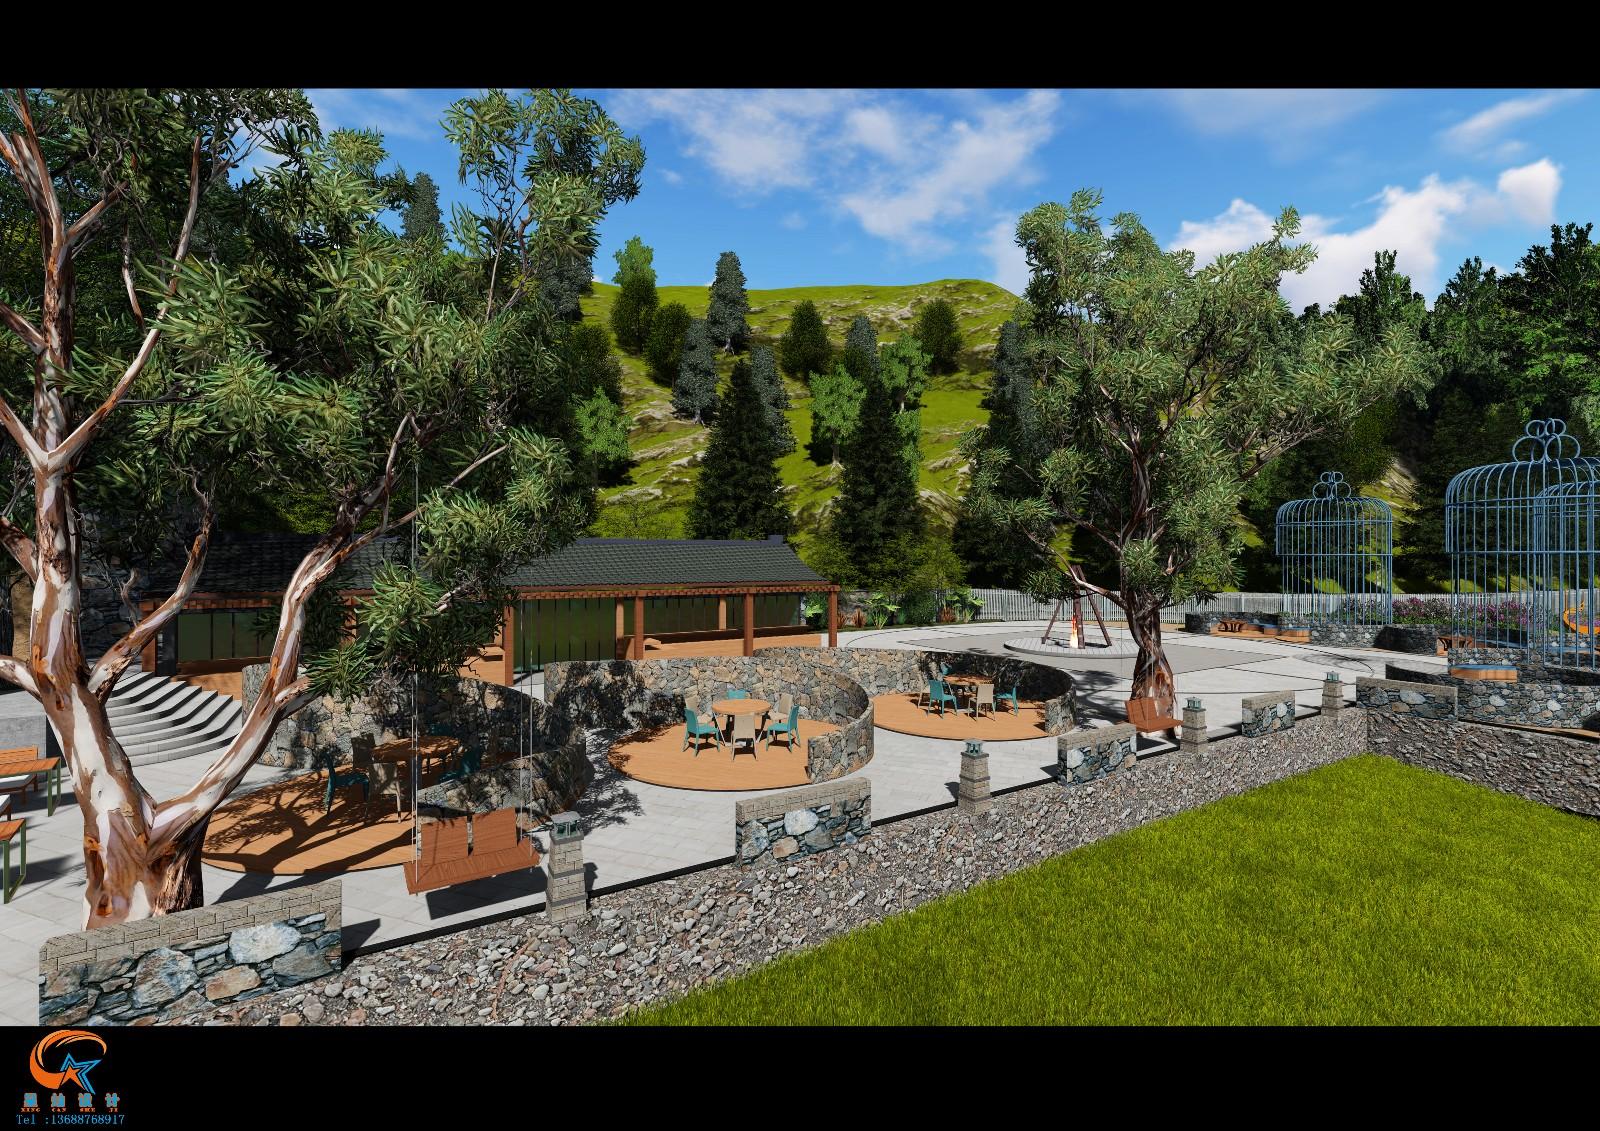 香格里拉维西塔城项目